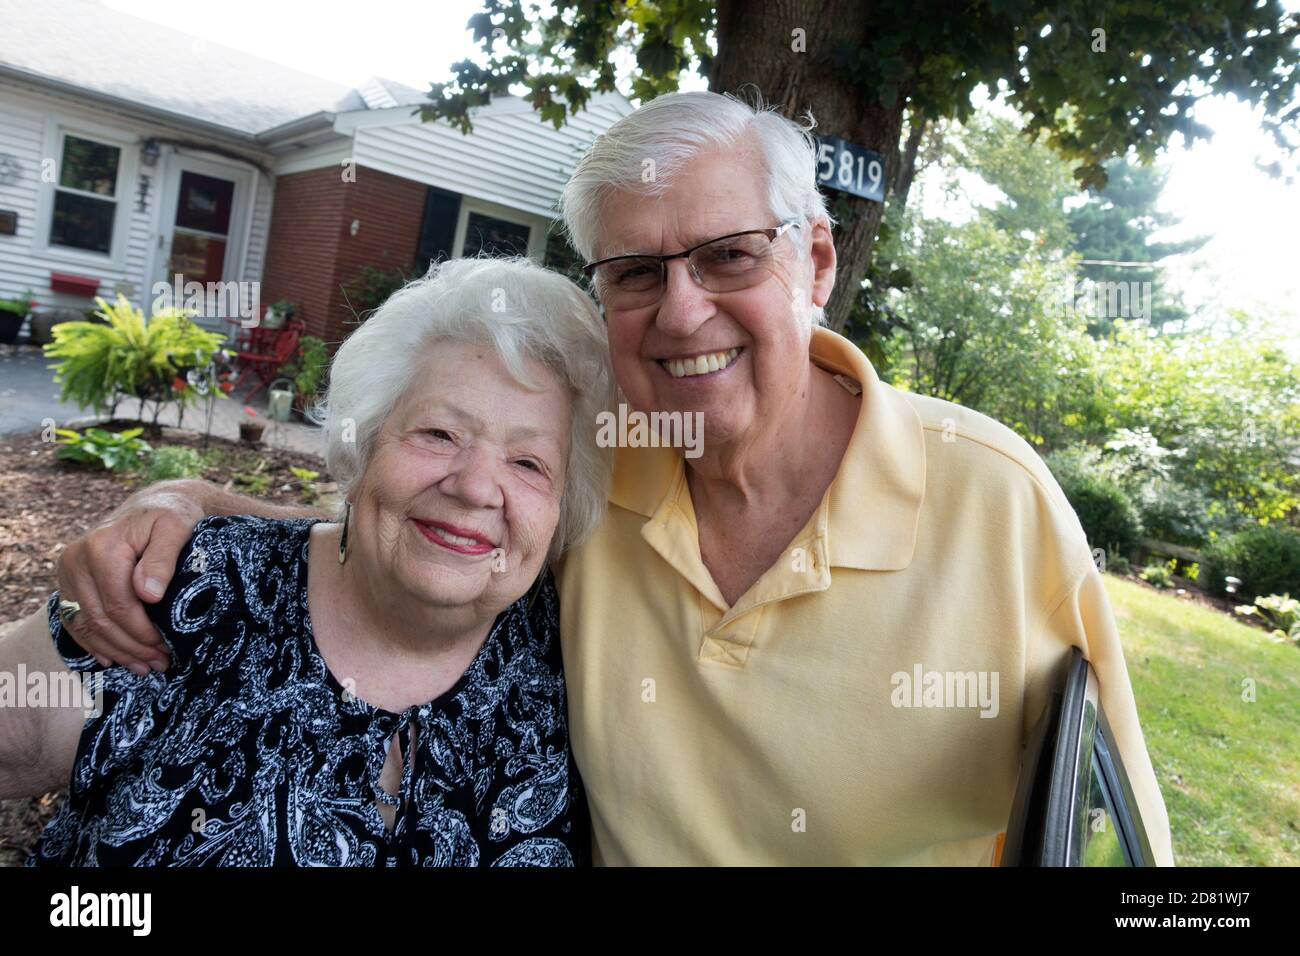 Feliz matrimonio pareja de más de 60 años disfrutando de un momento juntos en un viaje lejos de casa. Downers Grove Illinois IL EE.UU Foto de stock